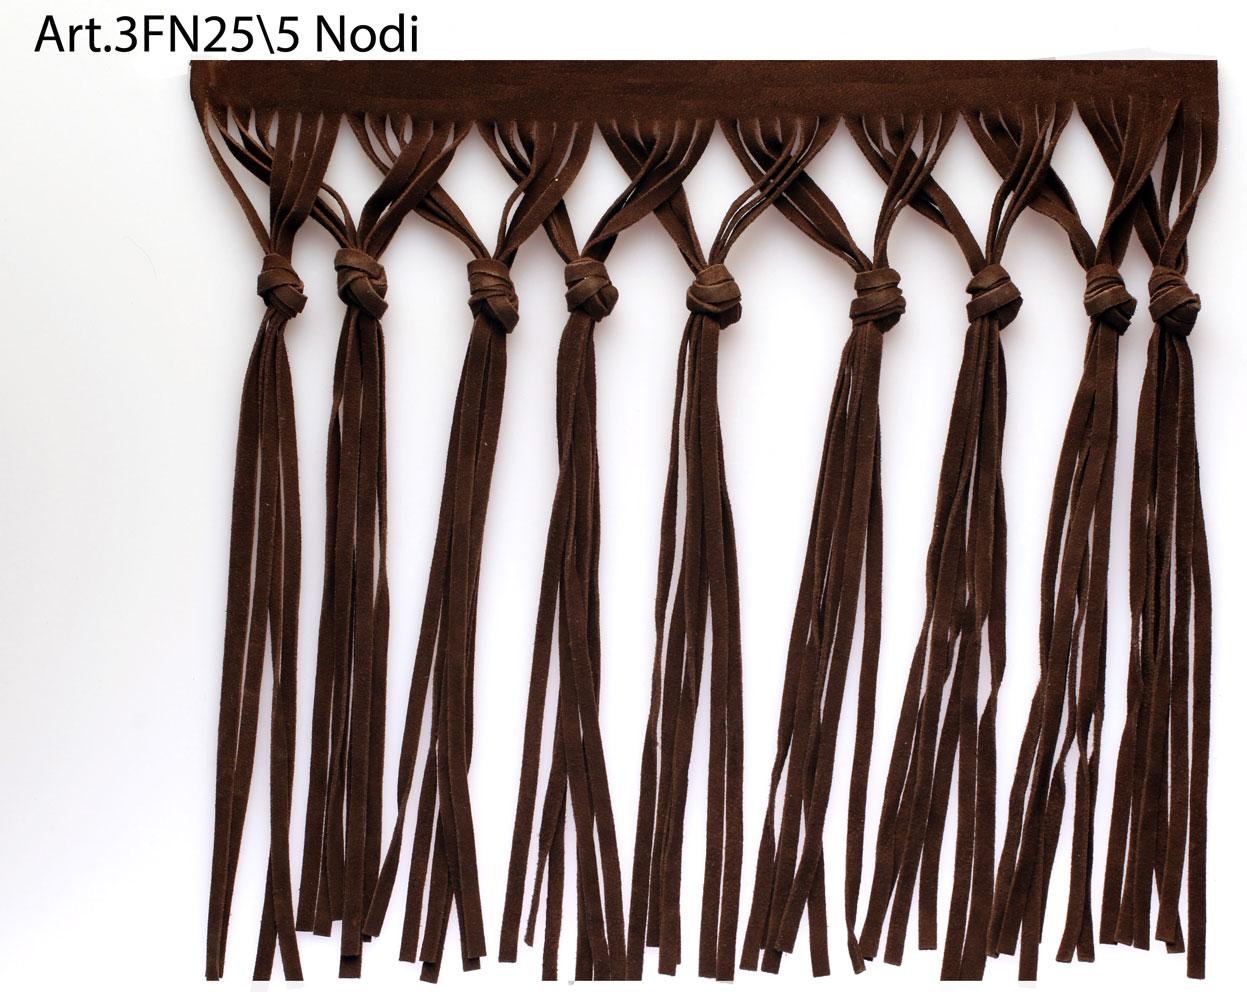 FRINGE KNOTS 3FN25\5 Image